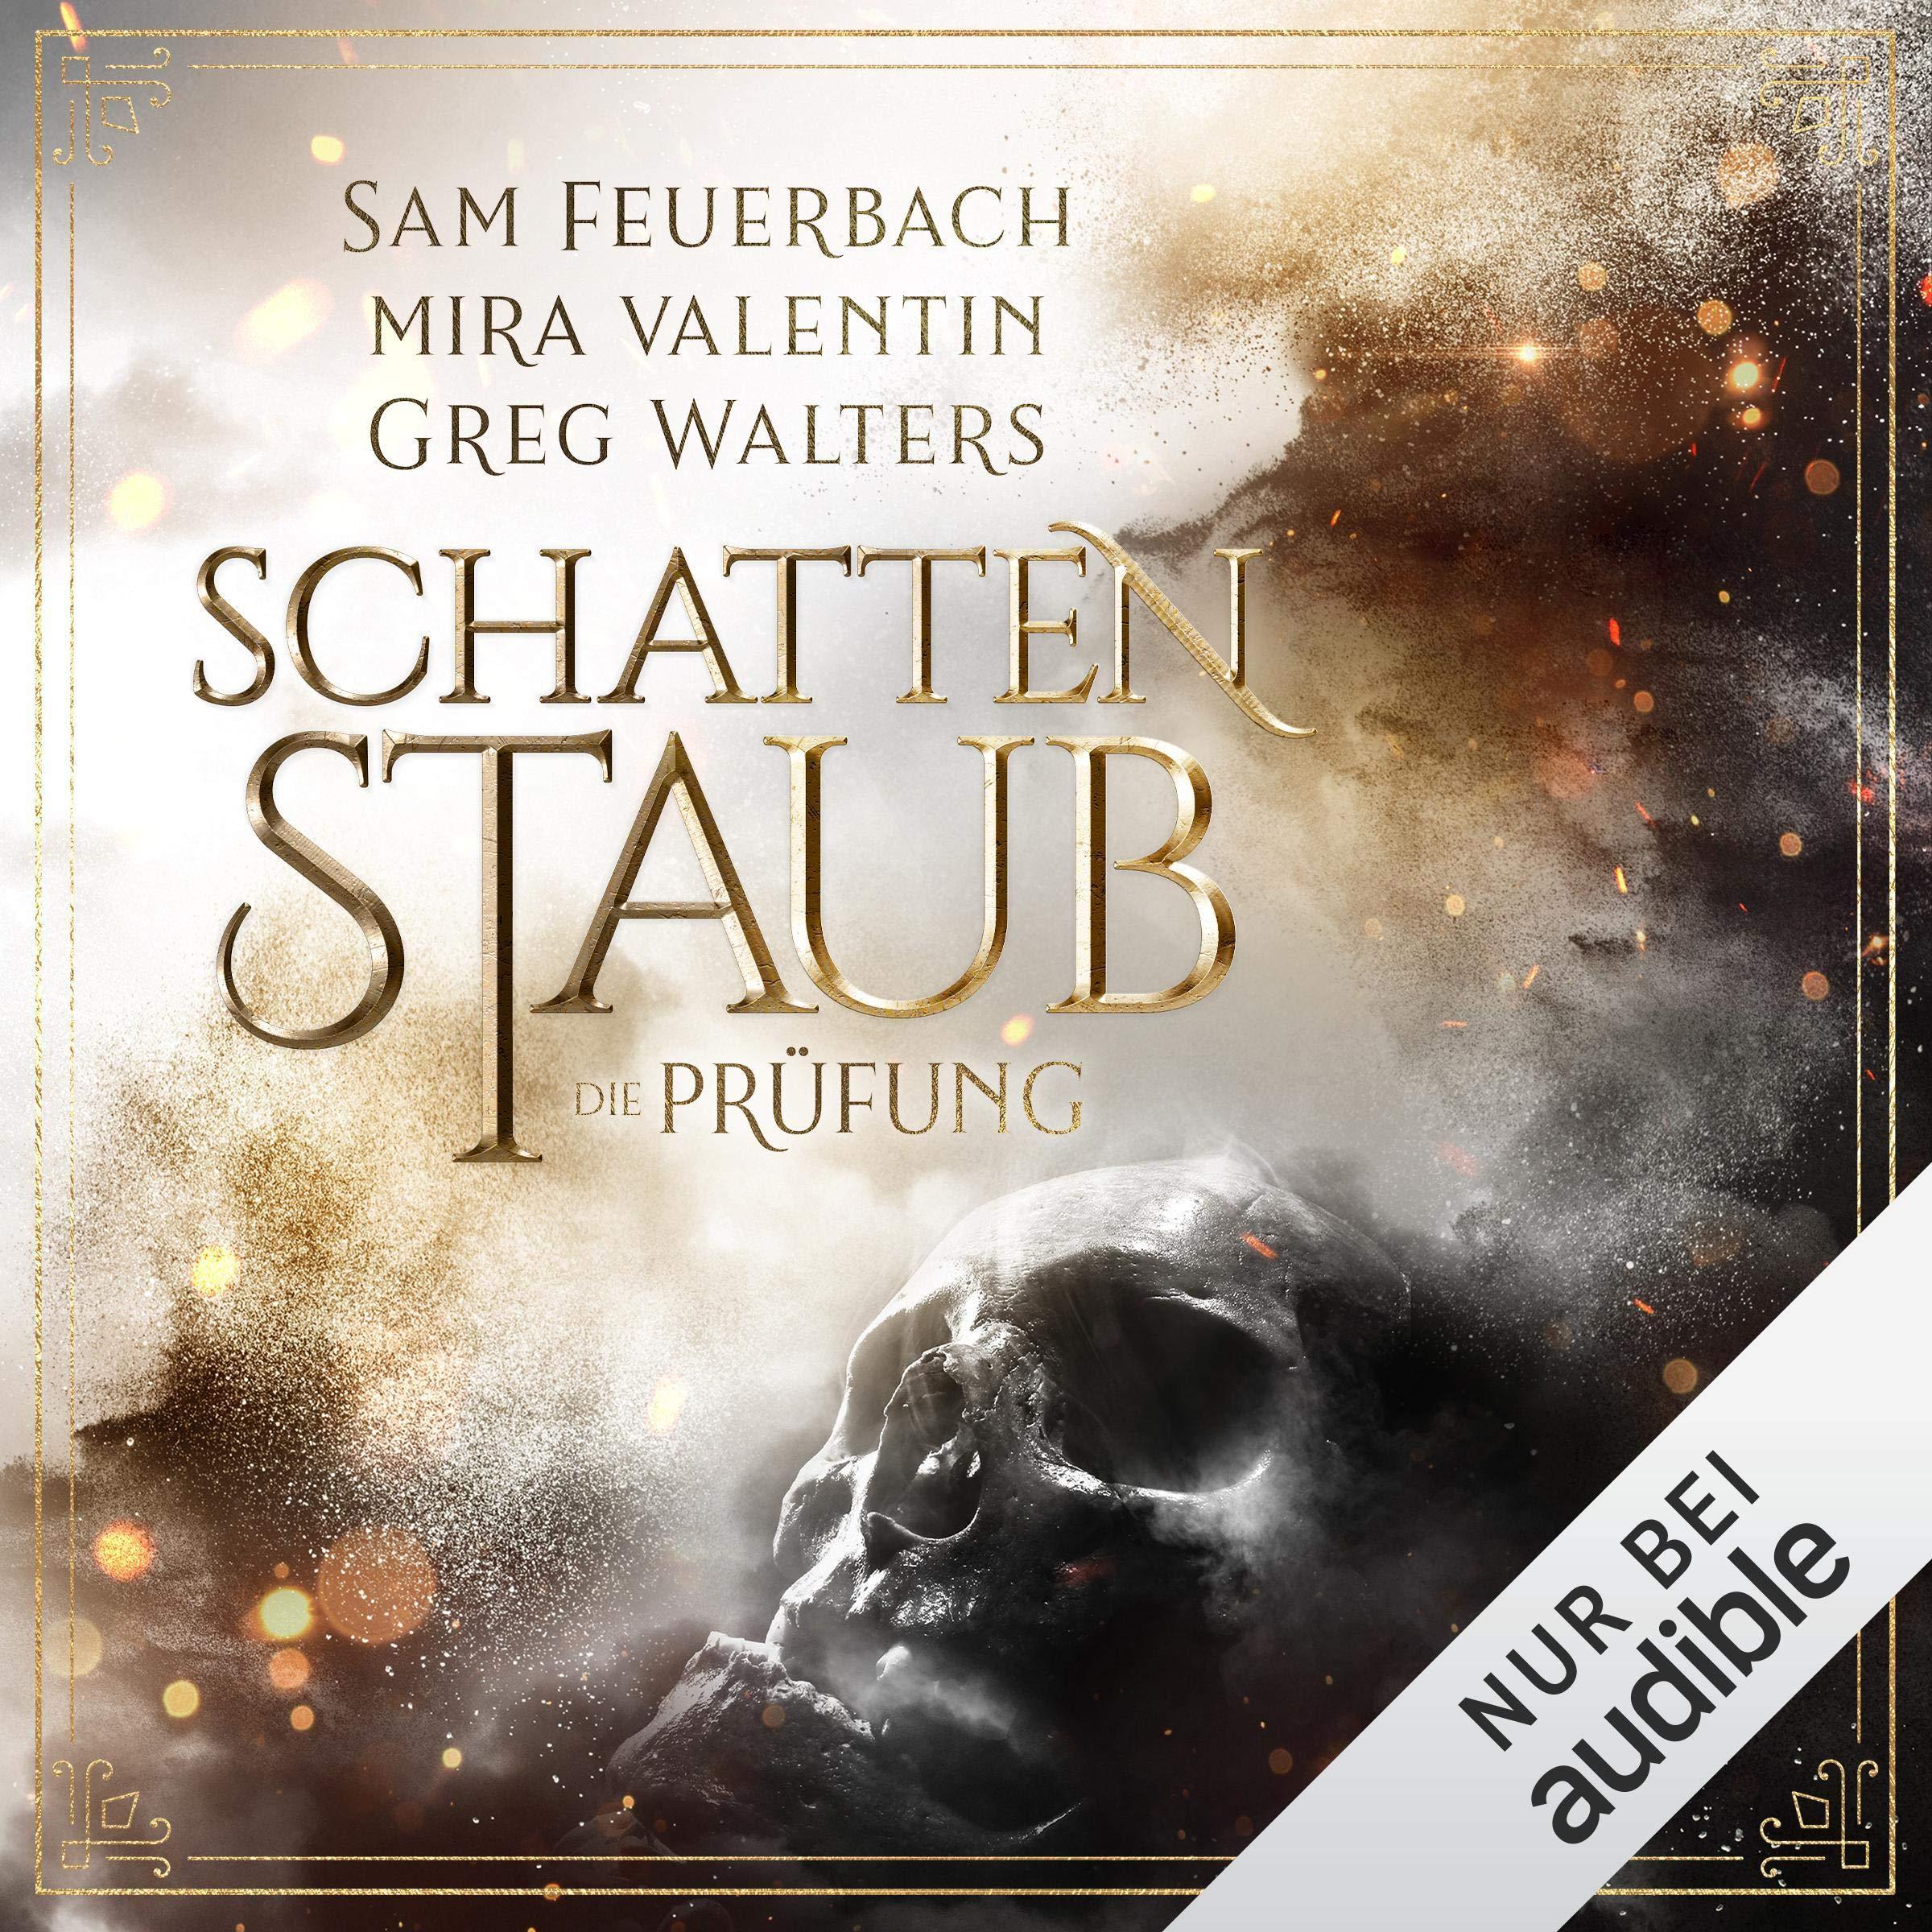 Coverbild von Die Prüfung, von Sam Feuerbach & Mira Valentin & Greg Walters